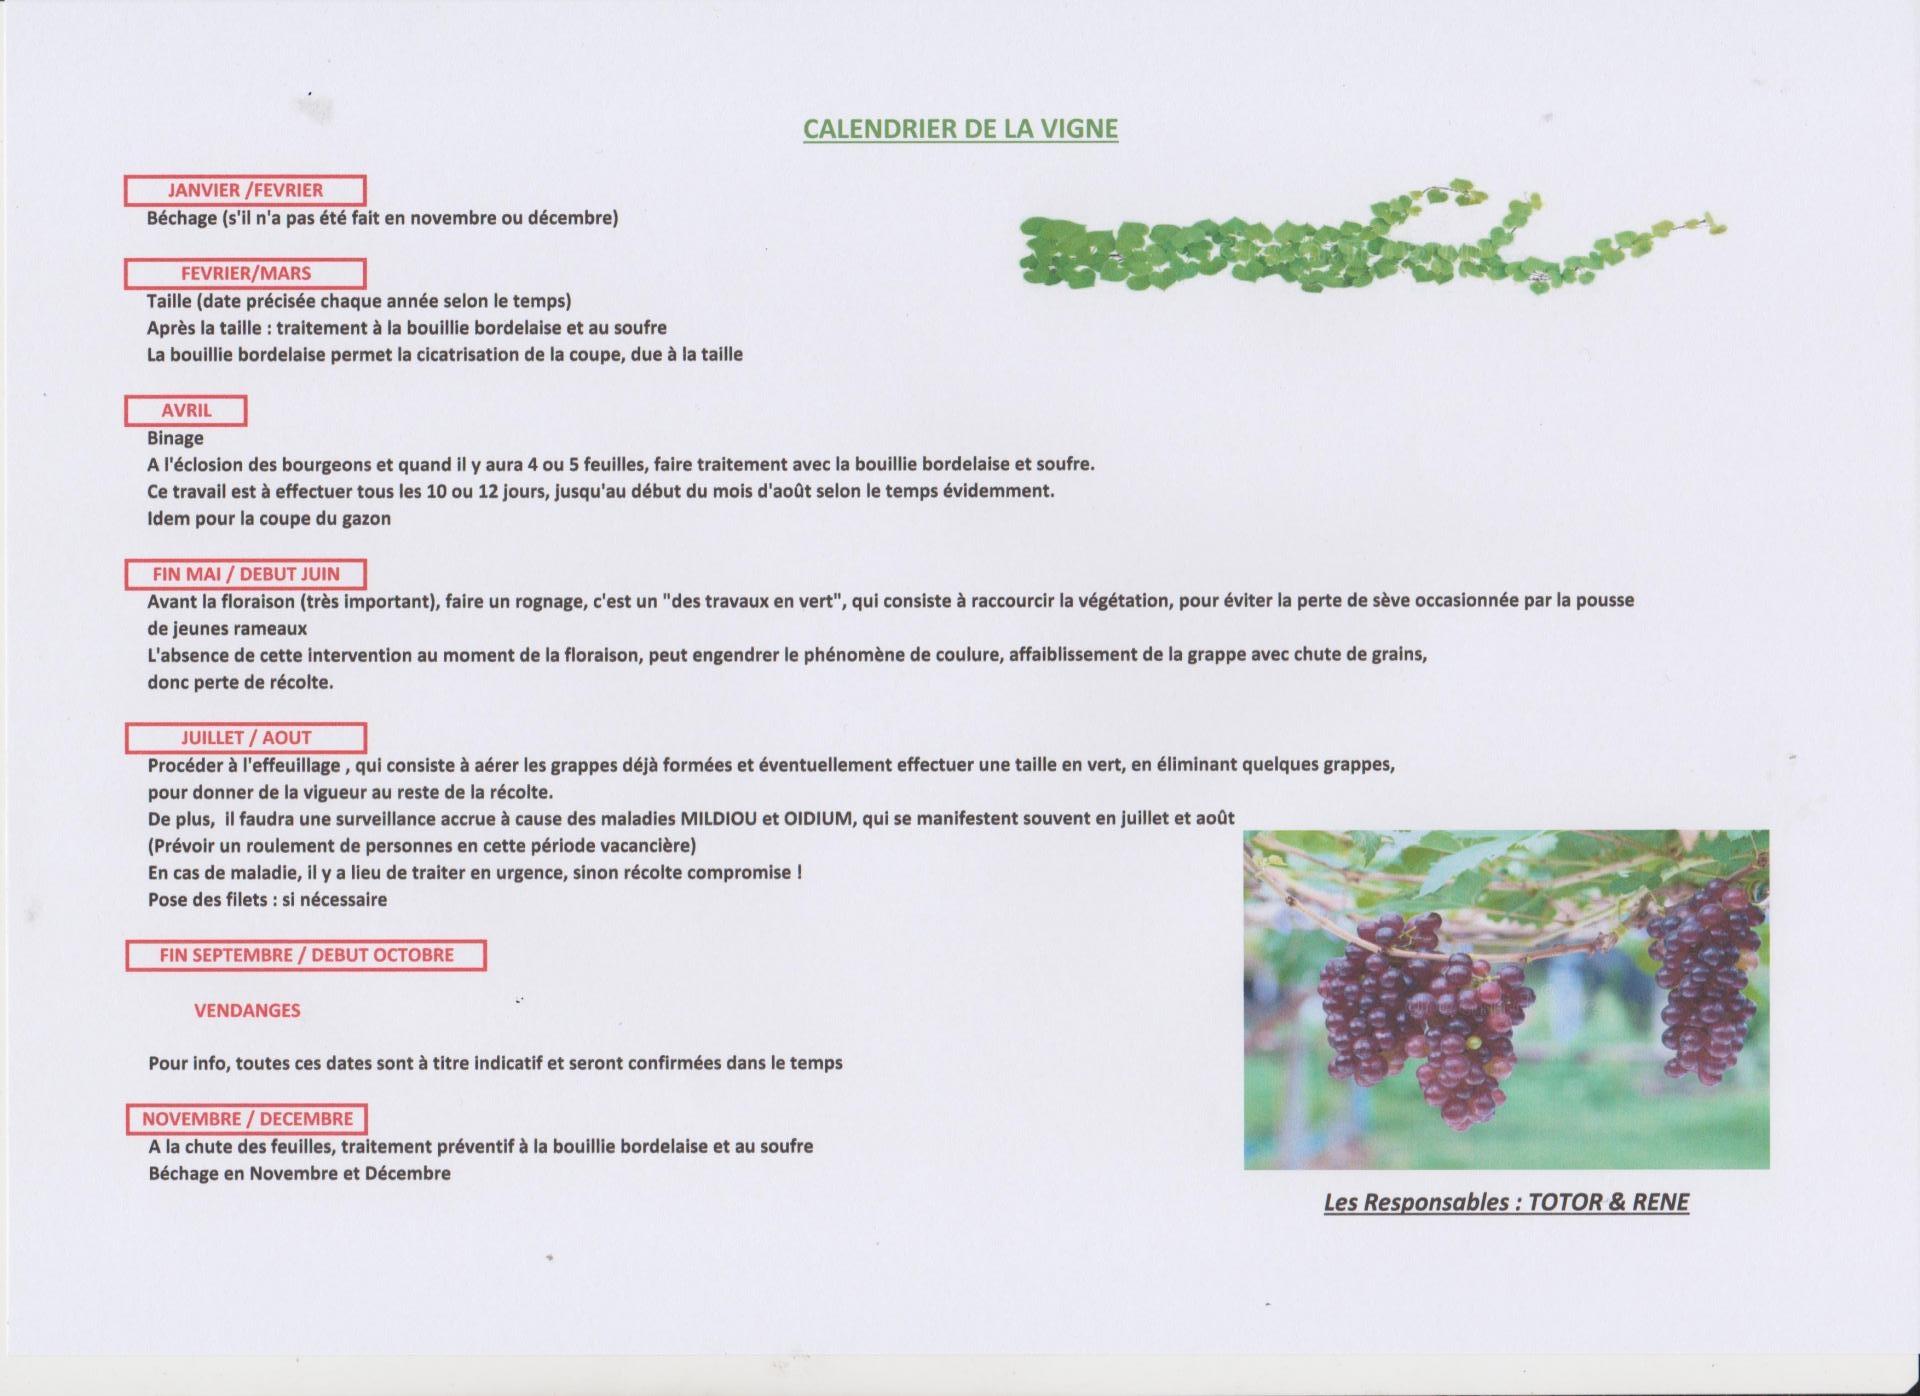 Calendrier vigne 001